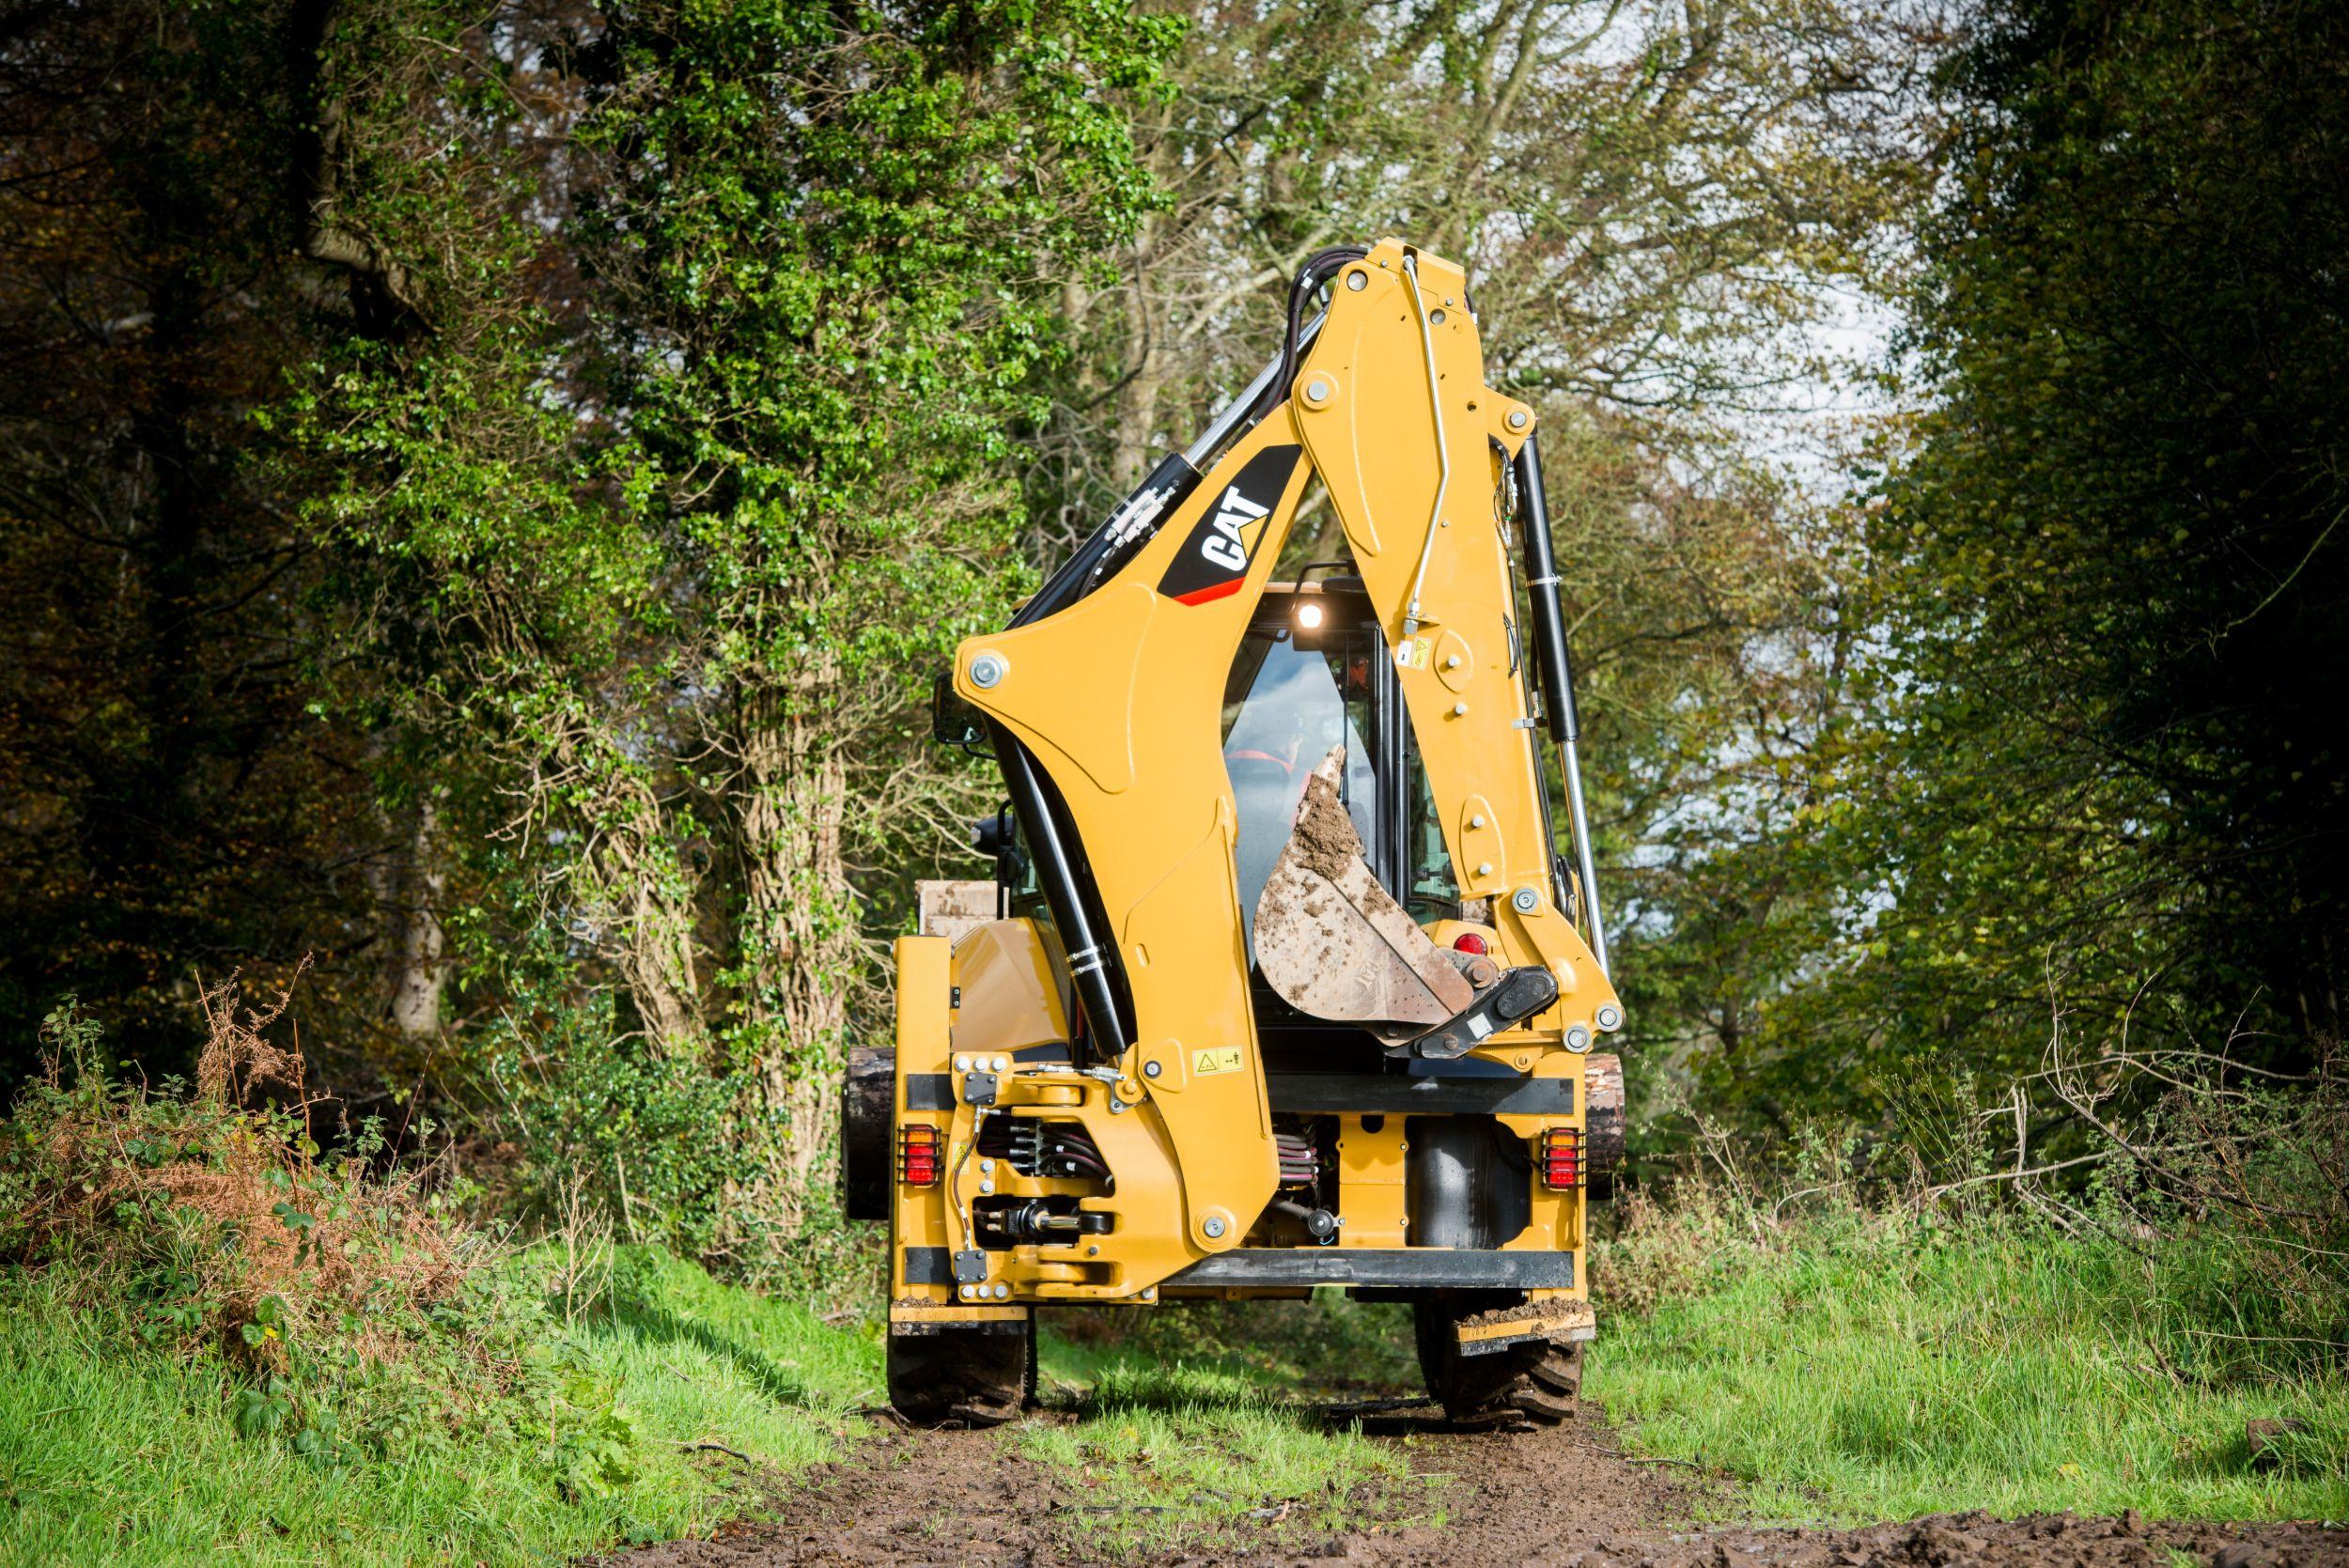 Excavator Style Backhoe